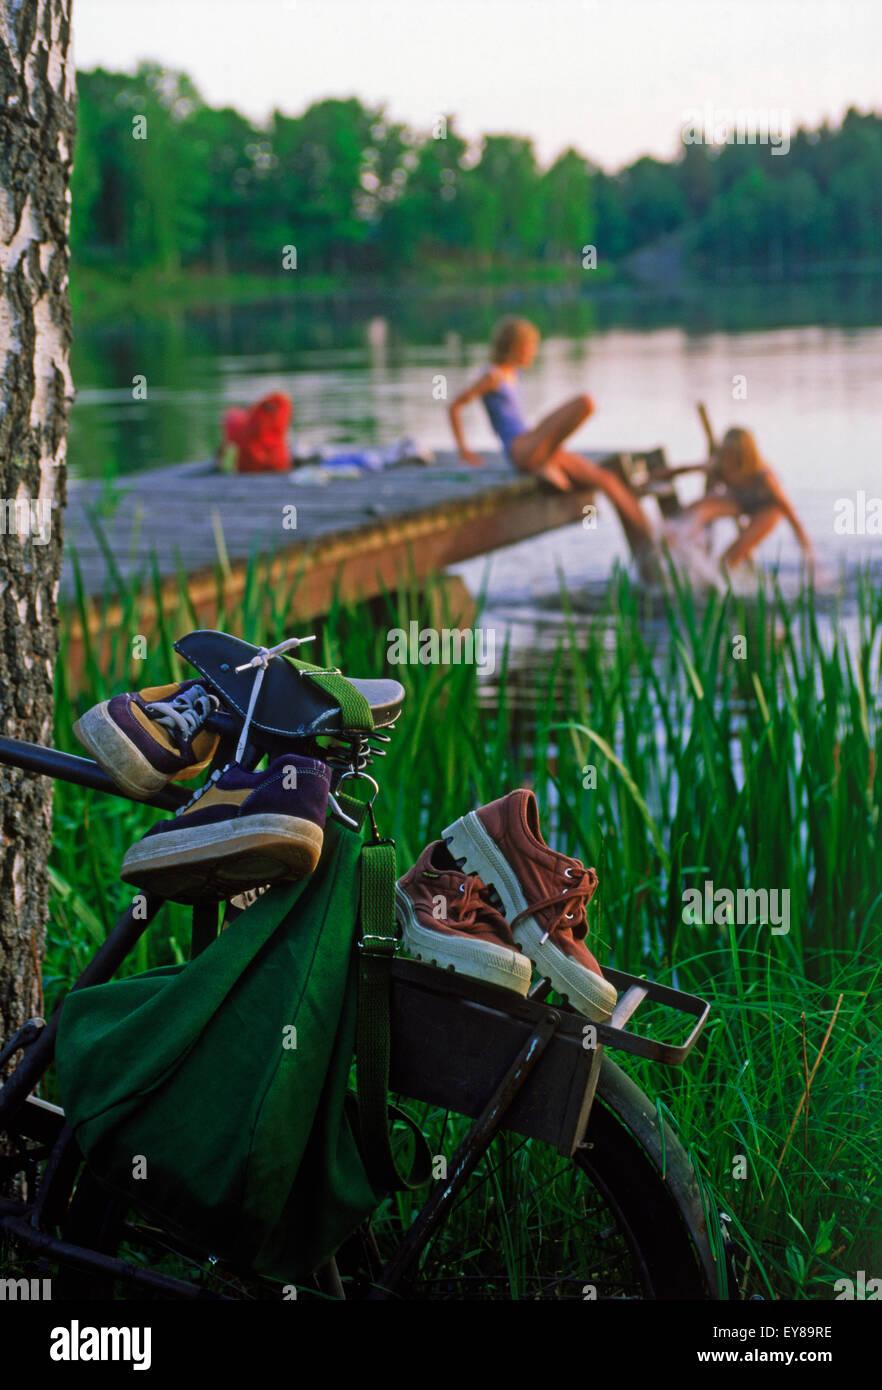 Deux jeunes filles bénéficiant d'été au bord du lac de baignade dock en Suède Photo Stock